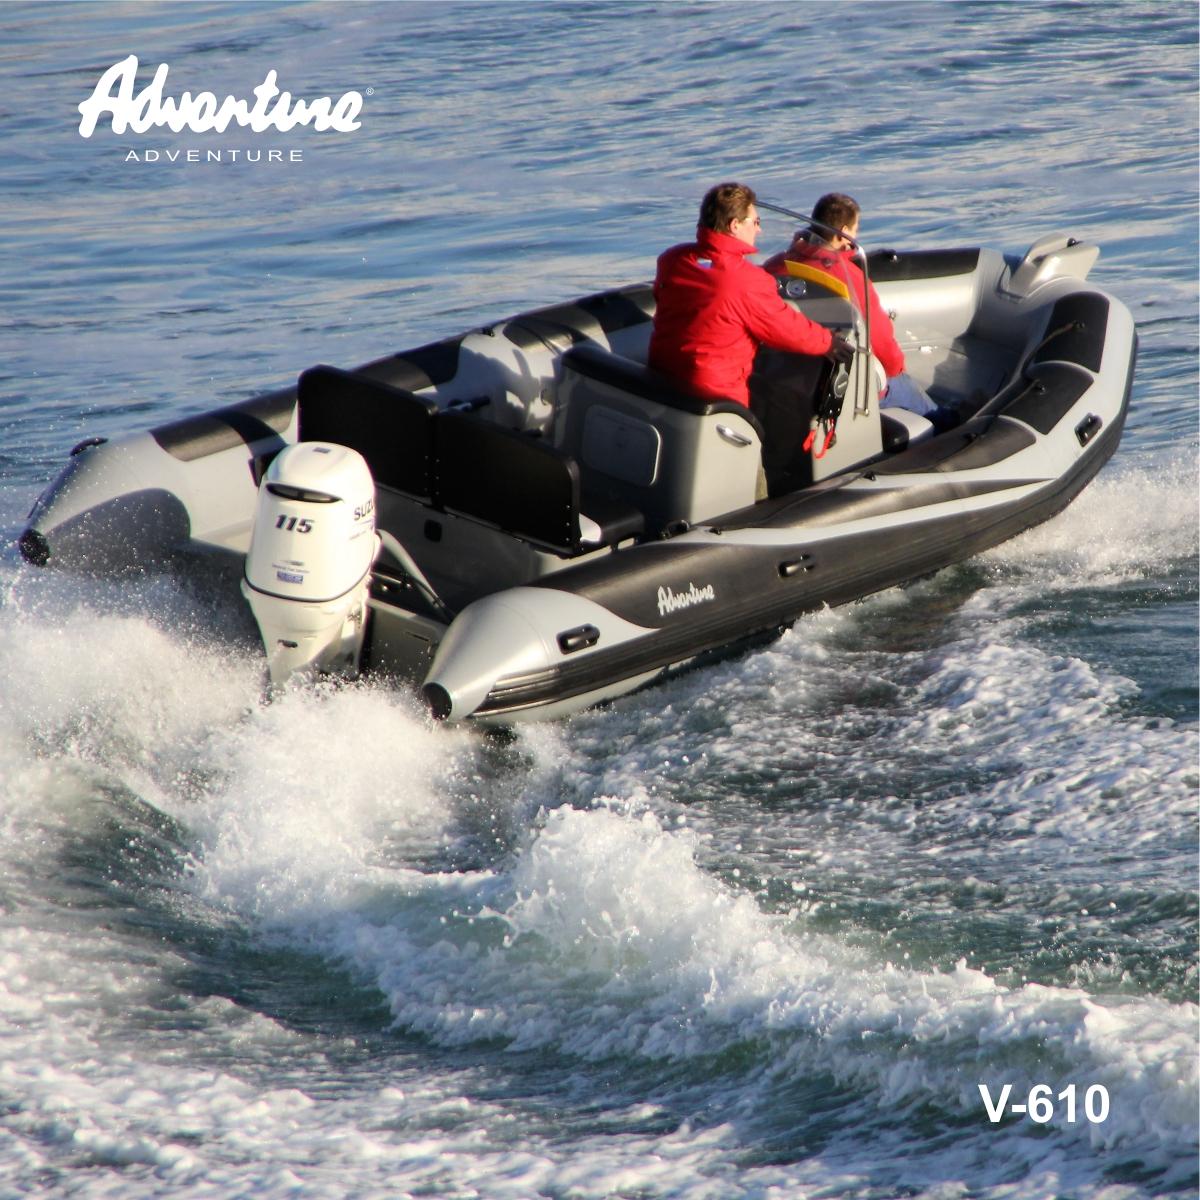 Nafukovací motorový člun RIB Adventure V-610 SUPER LUX s konzolou řízení SL-2H, vertikální opěrkou kapitána SLS-4 a sedačkou SLS-5